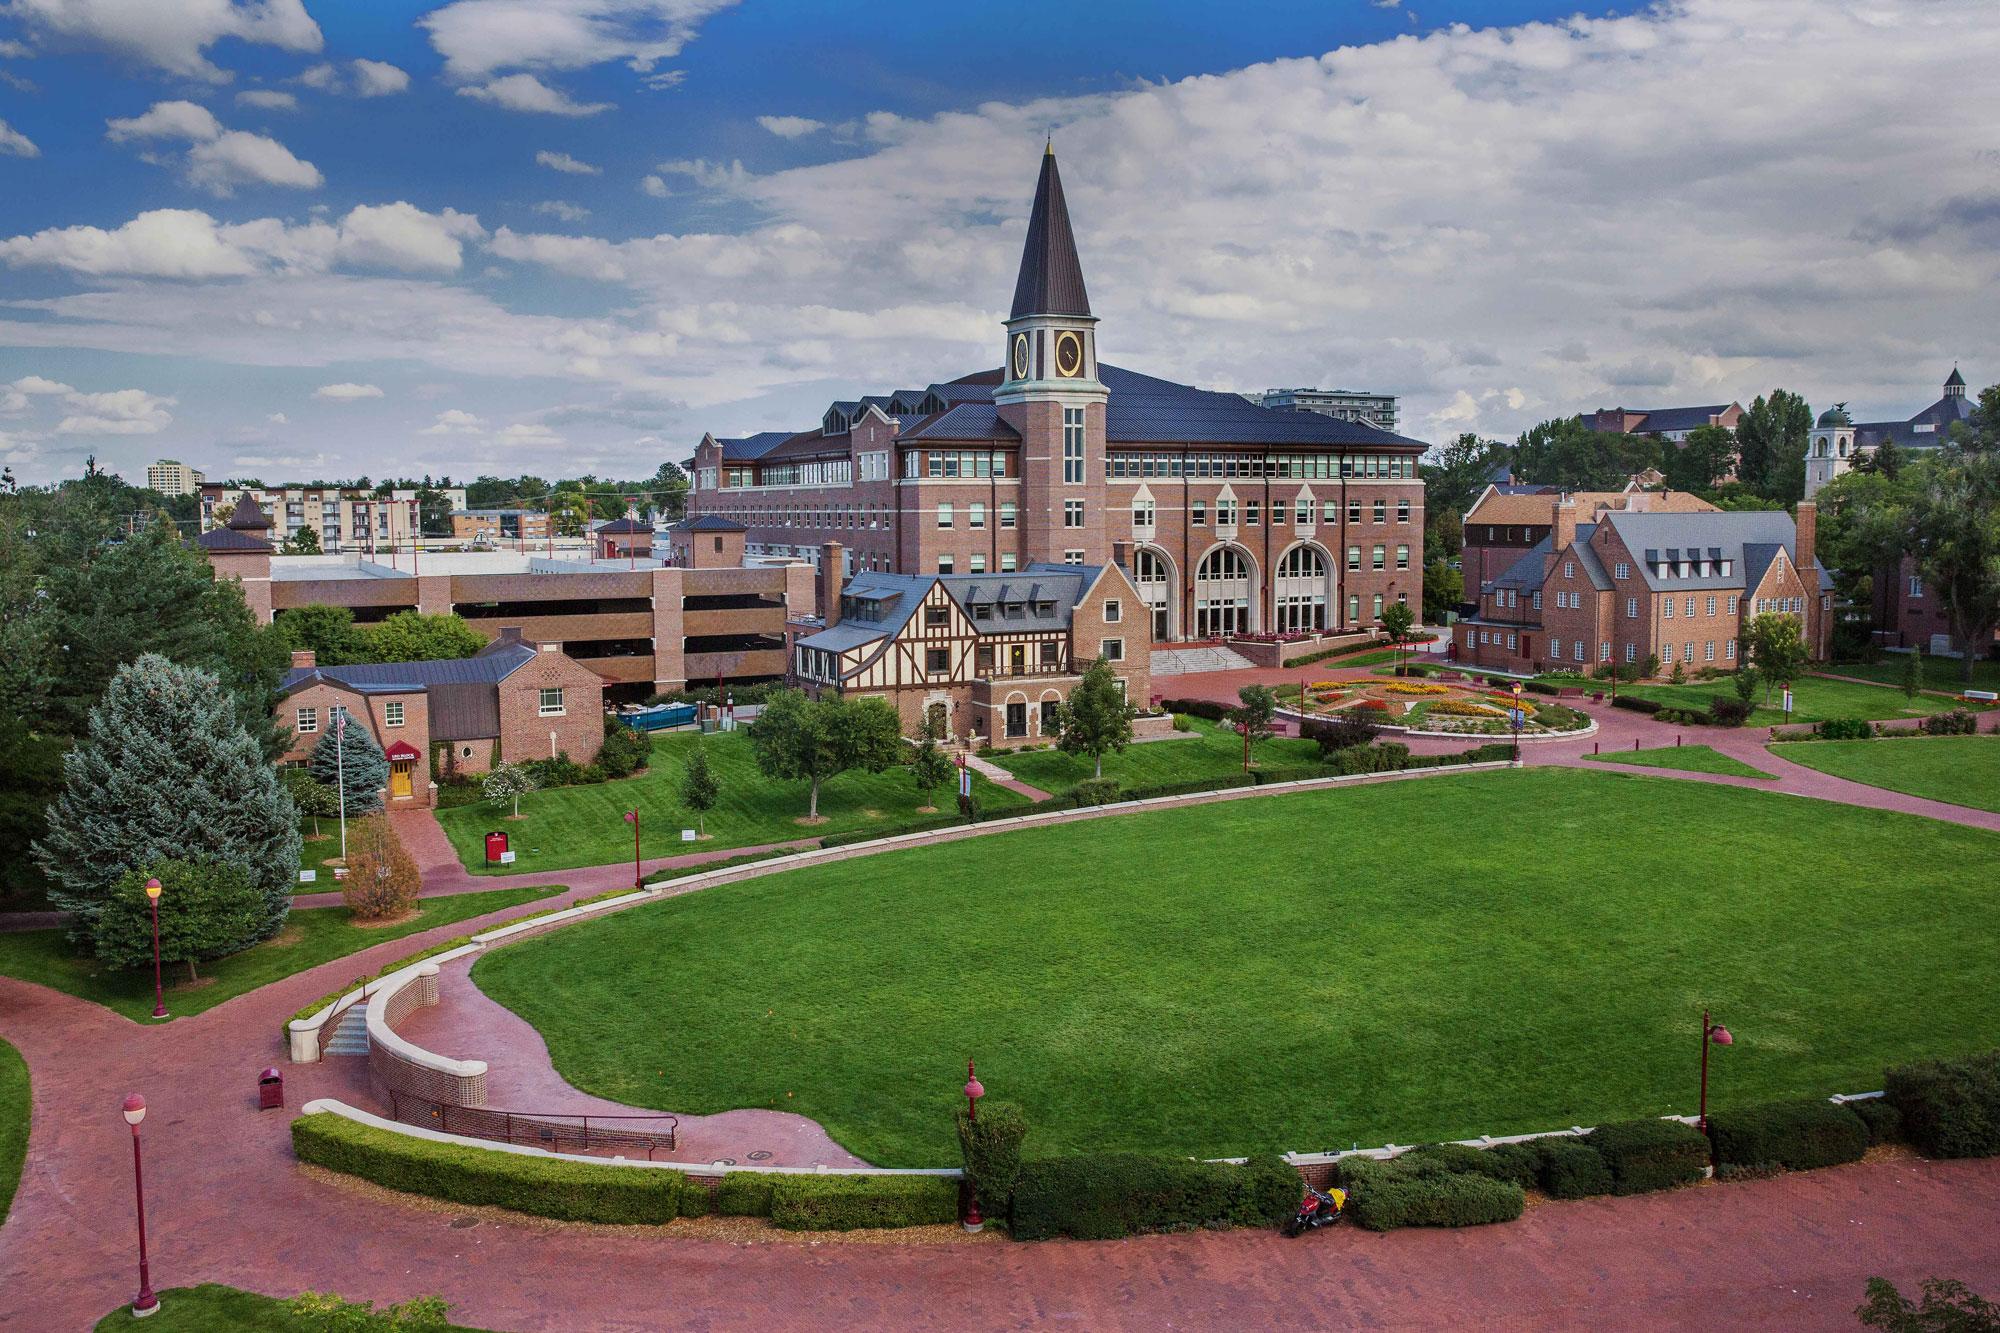 <p>The University of Denver campus.</p>